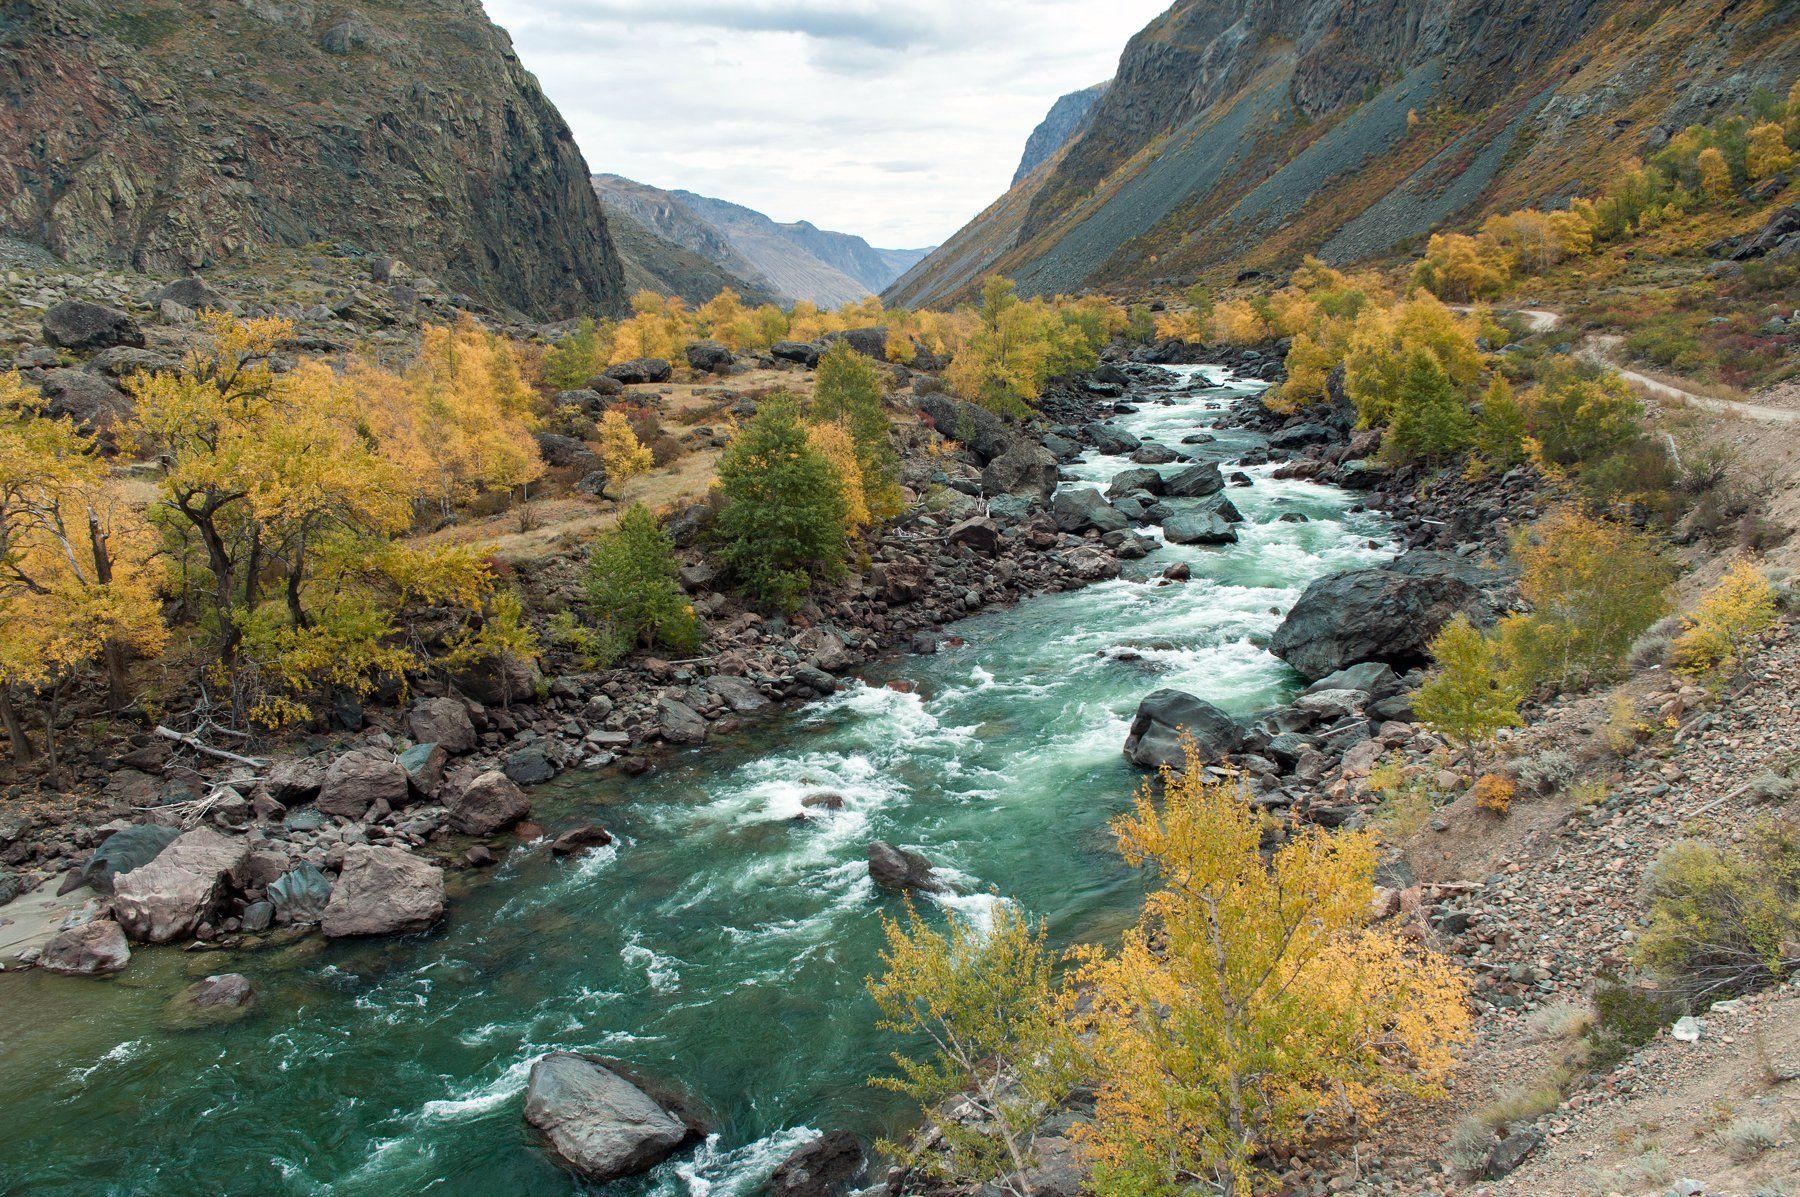 Autumn, Горный алтай, Горы, Изумрудная река, Осень, Река, Максим Блинов